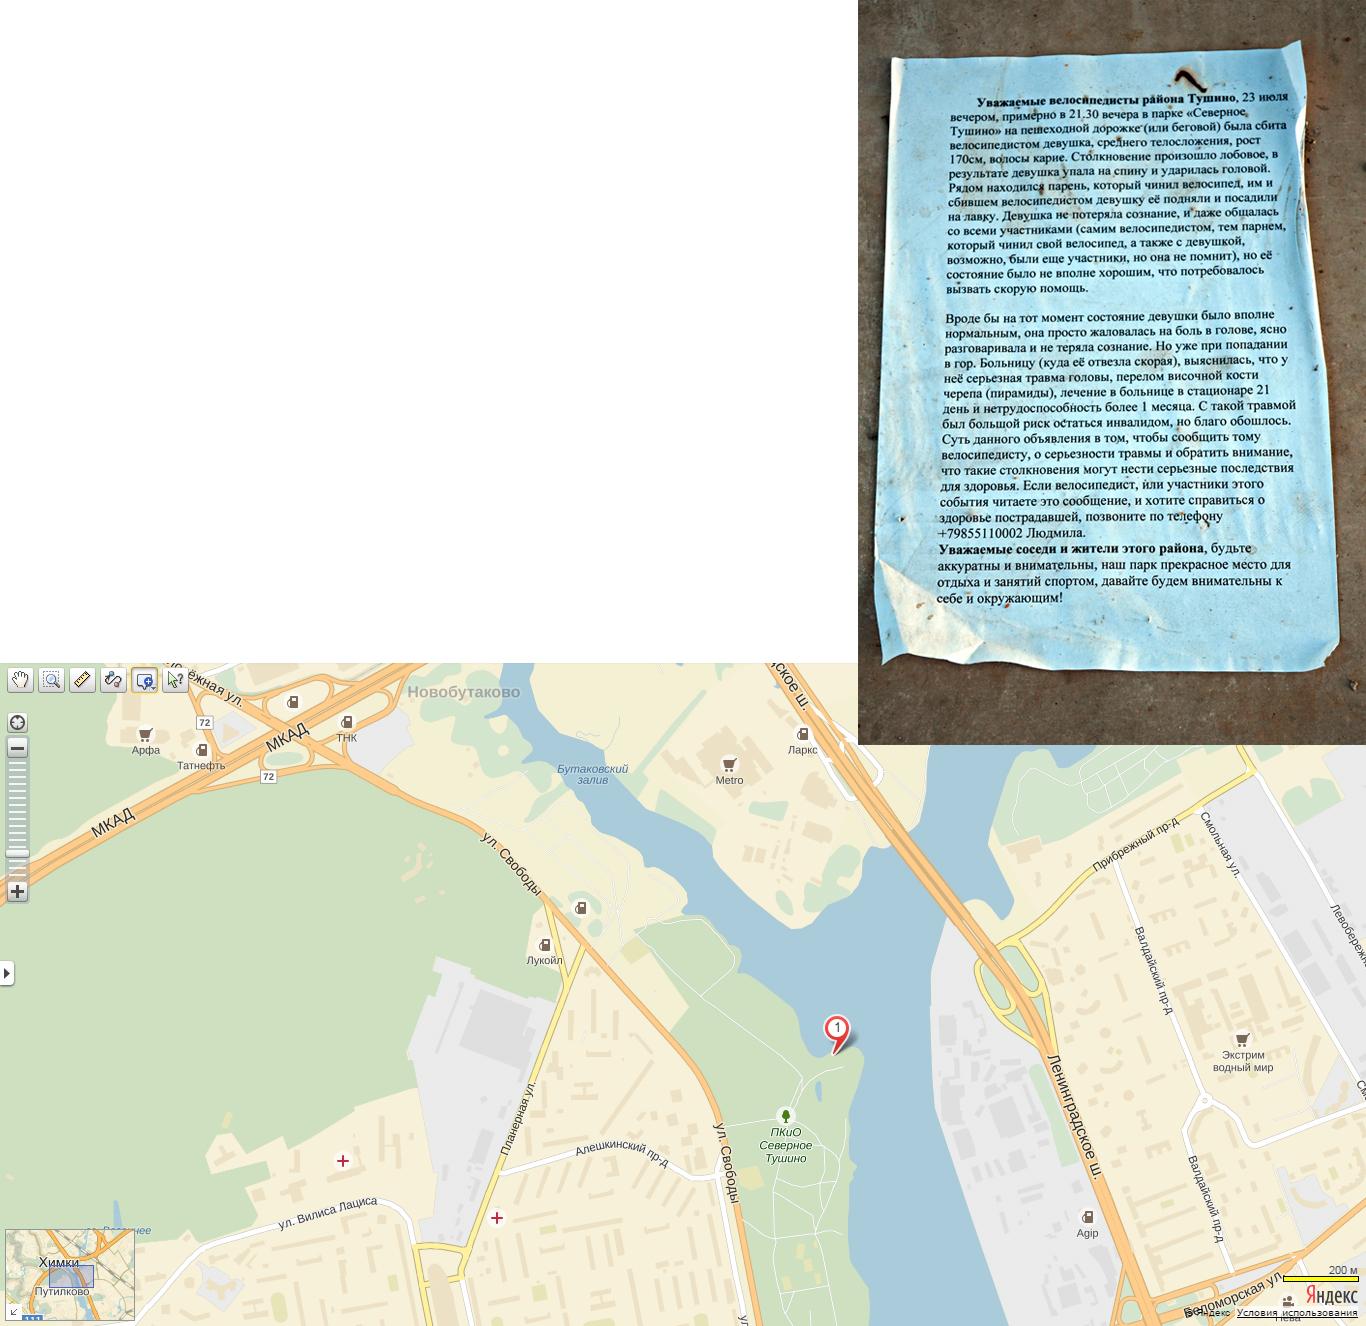 http://ic.pics.livejournal.com/macvic/28947399/110364/110364_original.jpg